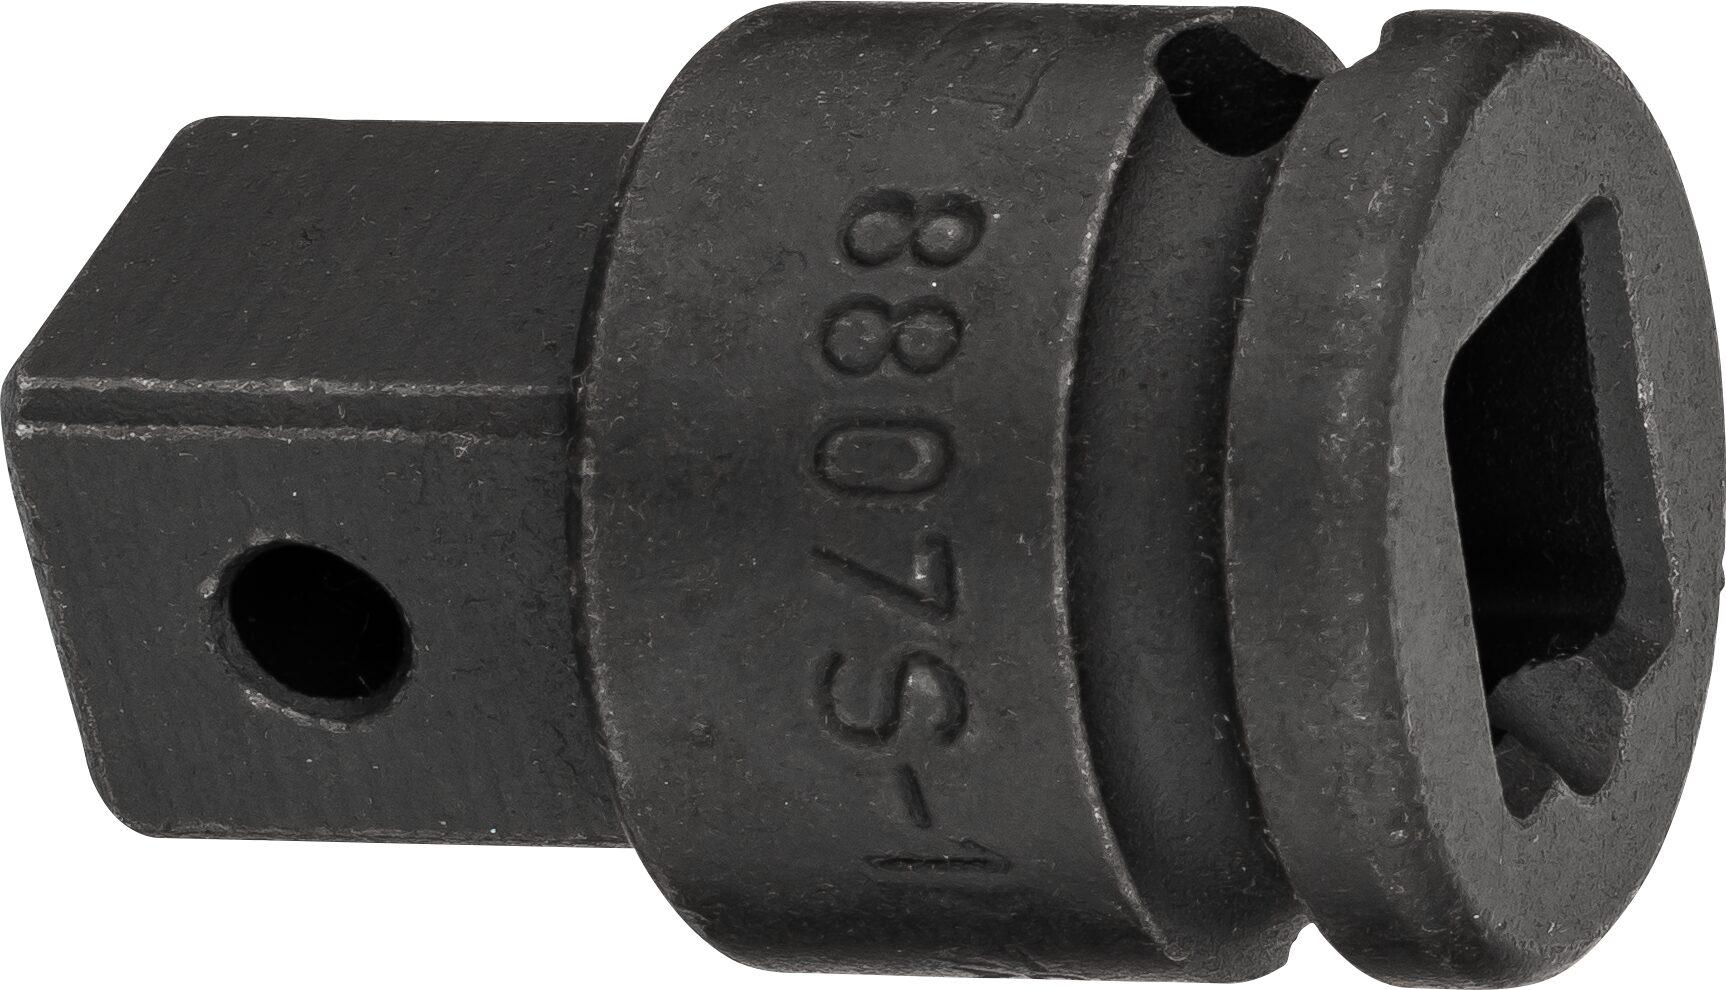 HAZET Vergrößerungsstück 8807S-1 ∙ Vierkant hohl 10 mm (3/8 Zoll) ∙ Vierkant massiv 12,5 mm (1/2 Zoll) ∙ 22 mm